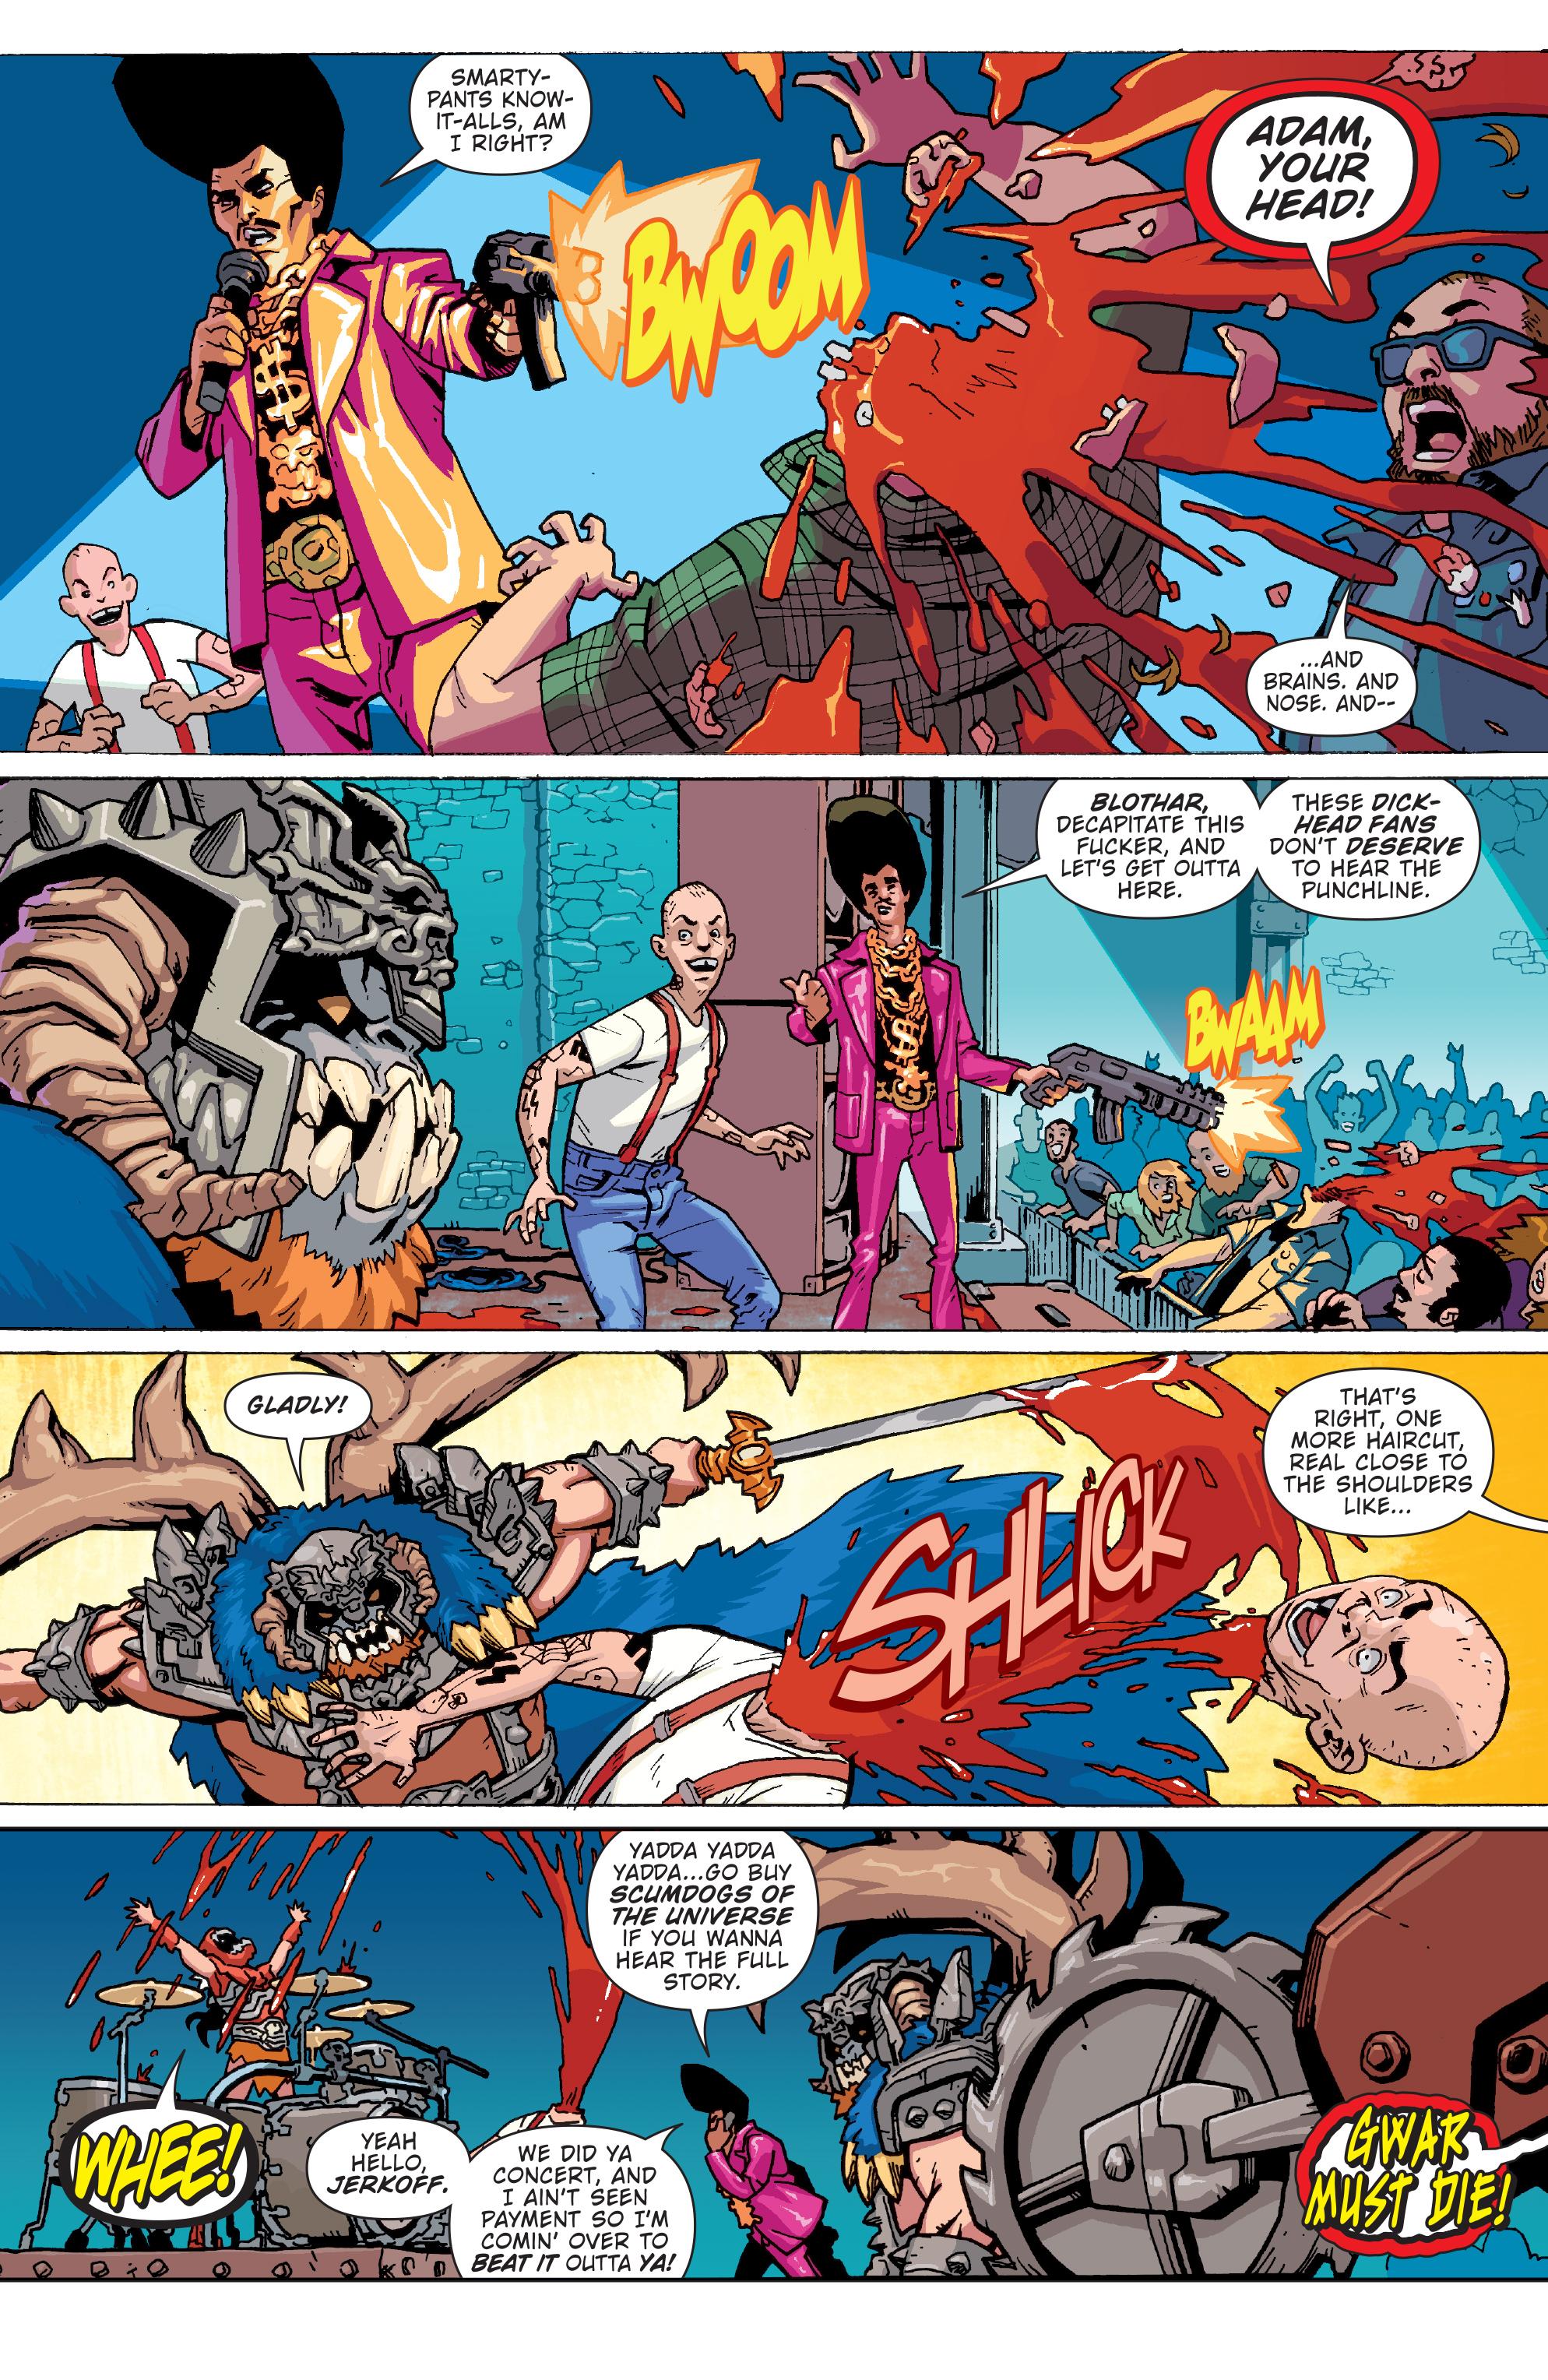 Read online Gwar: Orgasmageddon comic -  Issue #1 - 4